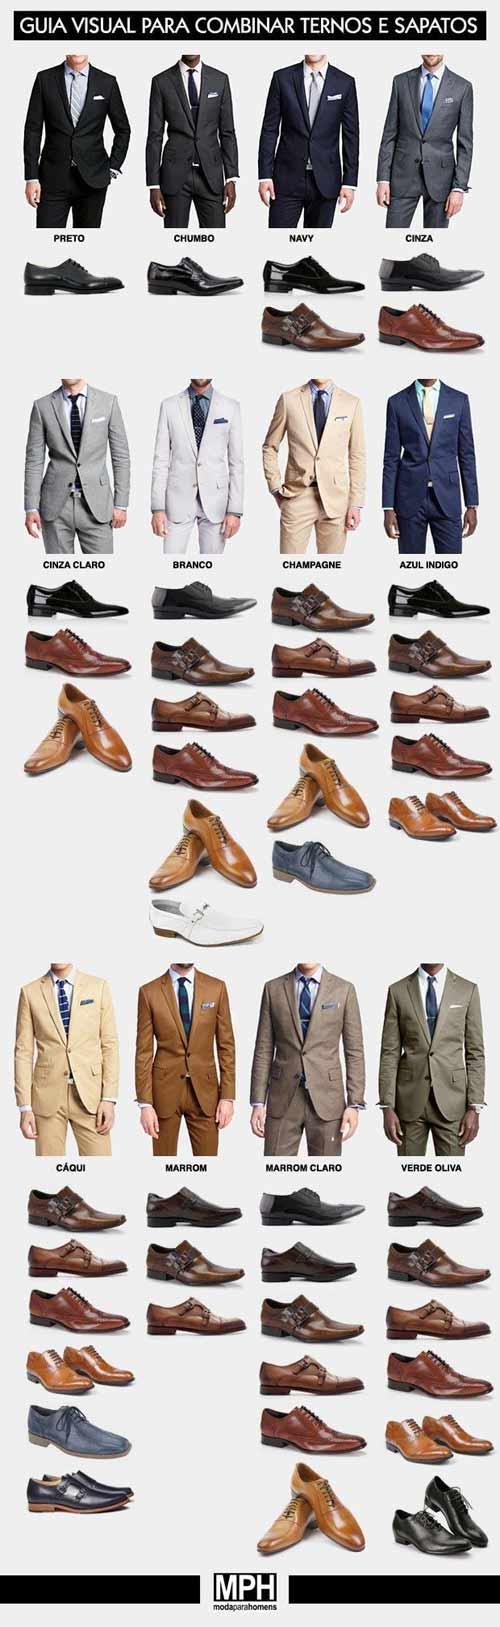 Những nguyên tắc mặc đồ nam đẹp không thể bỏ qua - 12